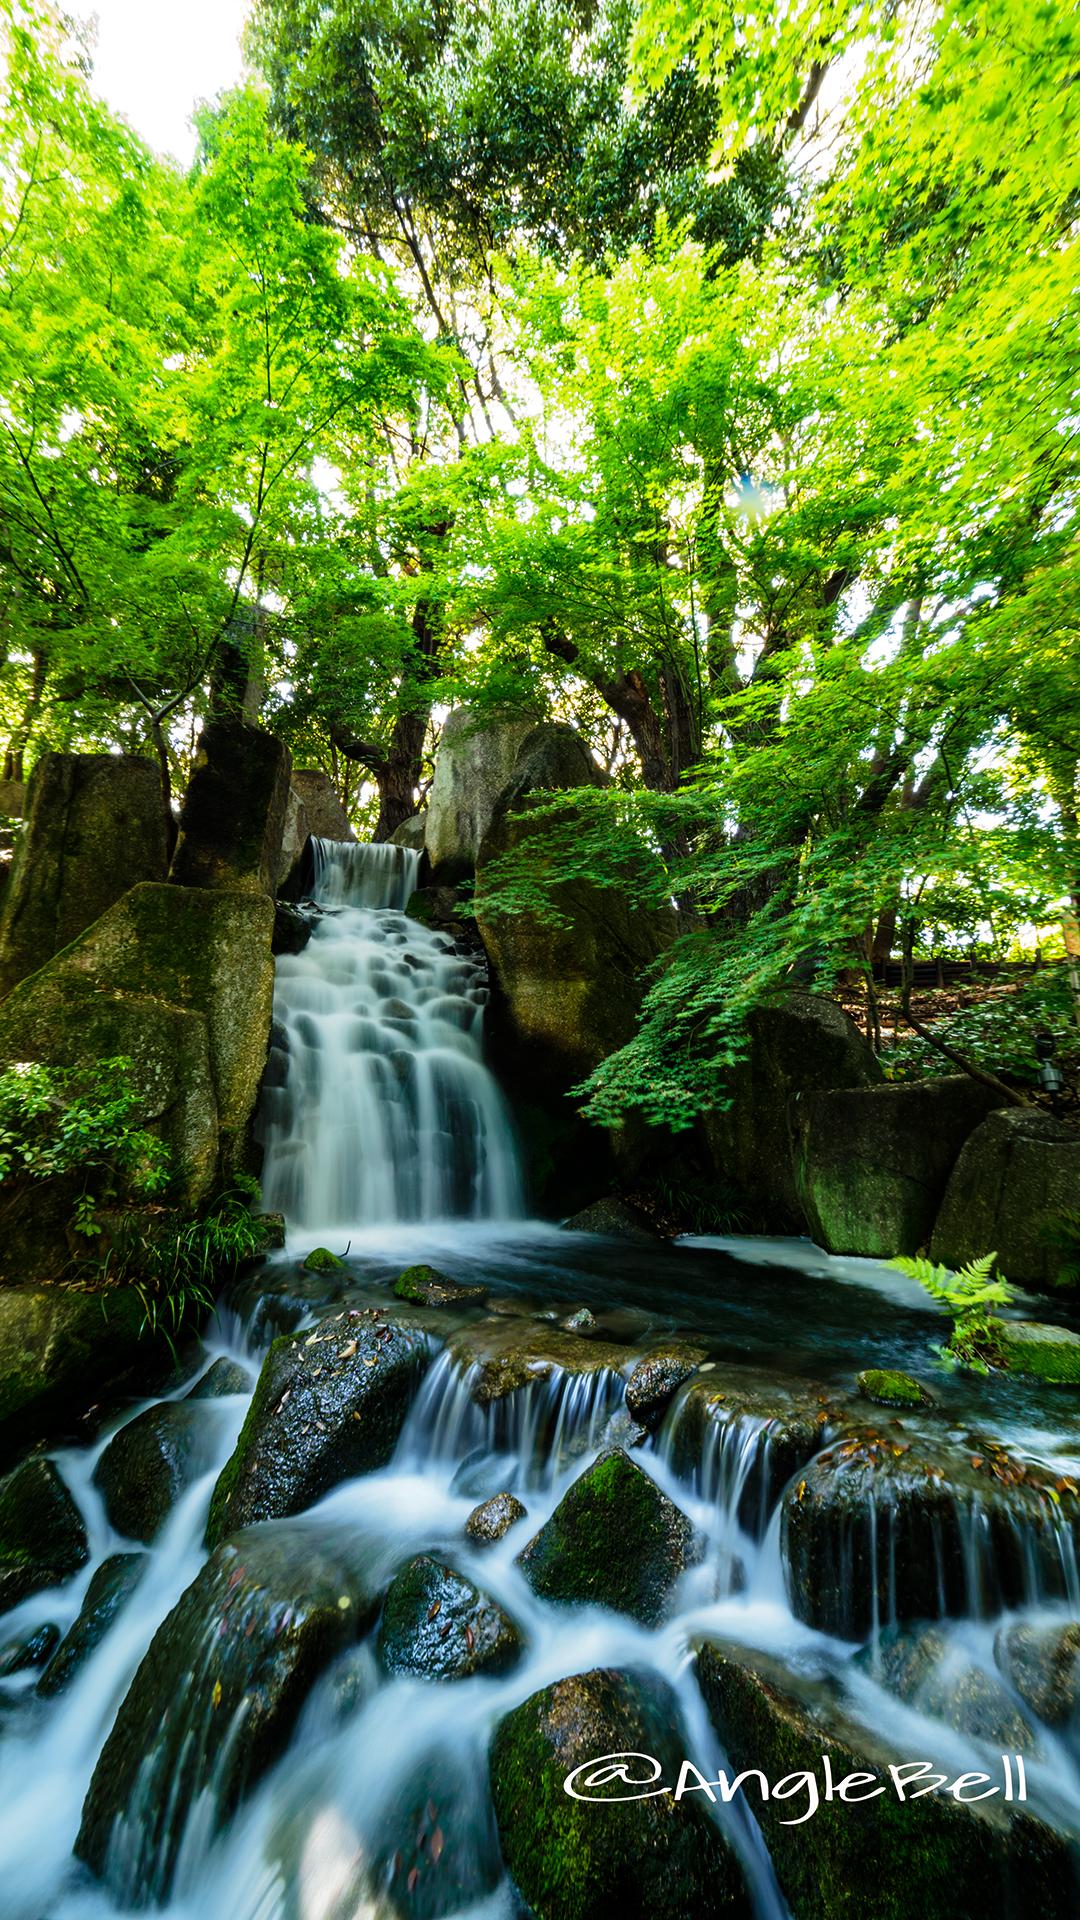 徳川園 渓谷散策路 大曽根の瀧